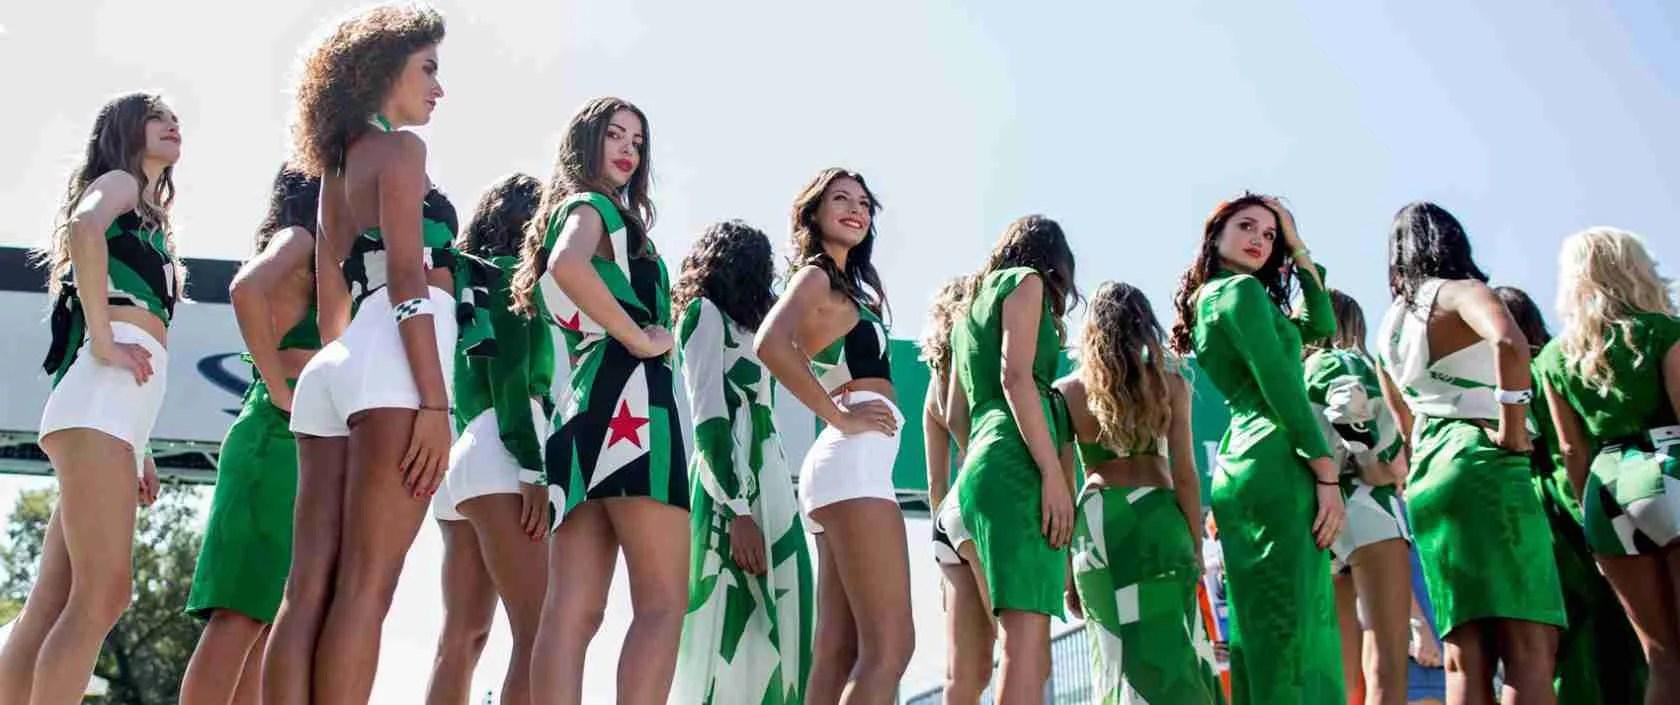 Le escort Monza e Brianza sono tra le protagoniste indiscusse del Gran Premio di Formula 1 di Monza.